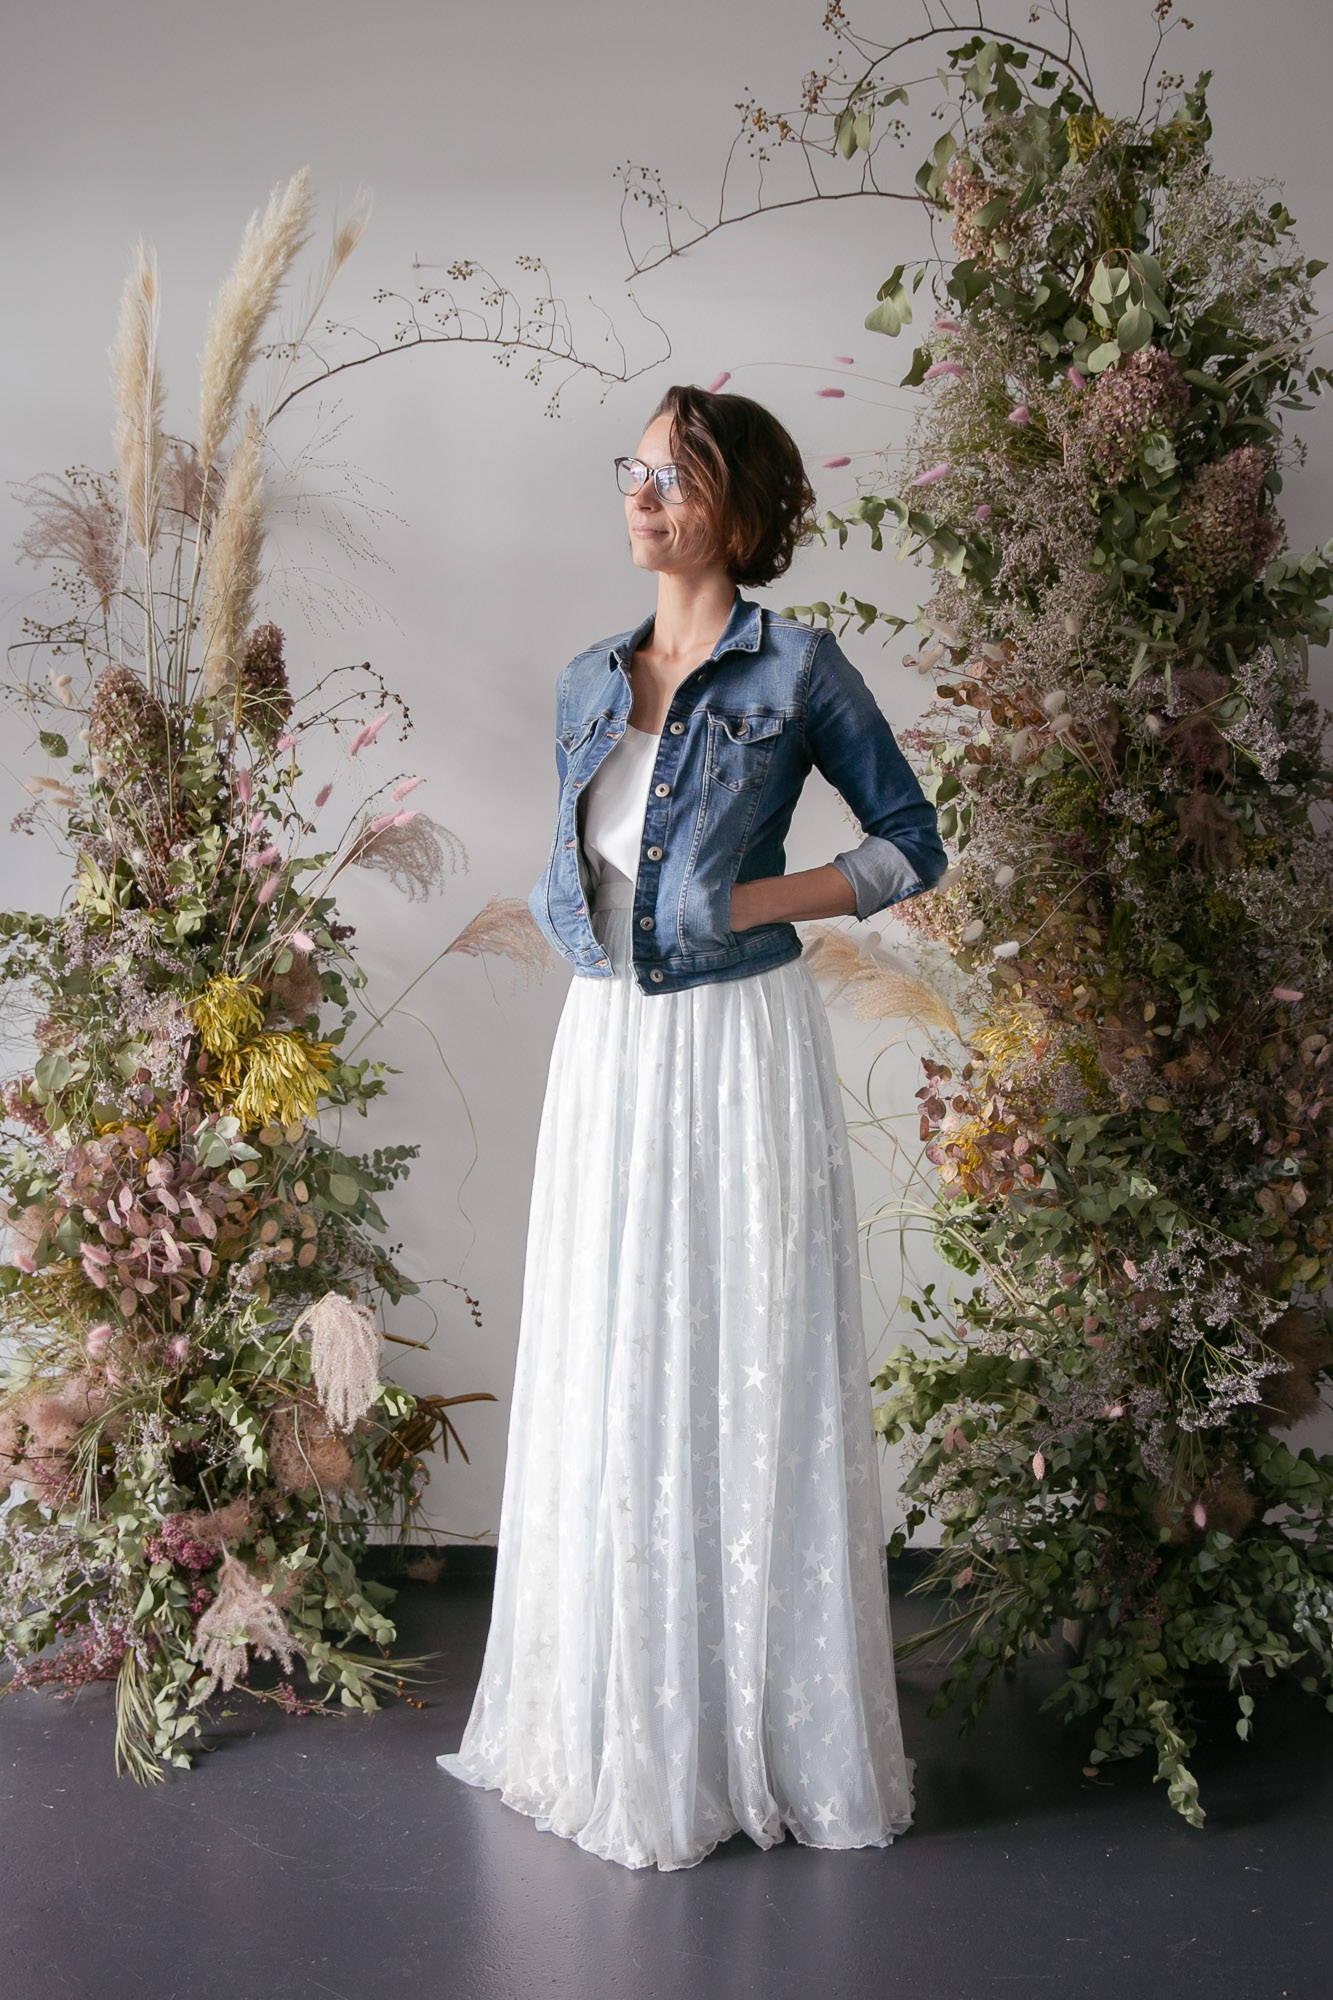 noni Brautkleider, mehrteiliges Brautkleid, farbig, blauer Softtüllrock, blauer Brautpulli und Überrock aus Sternentüll mit Jeansjacke